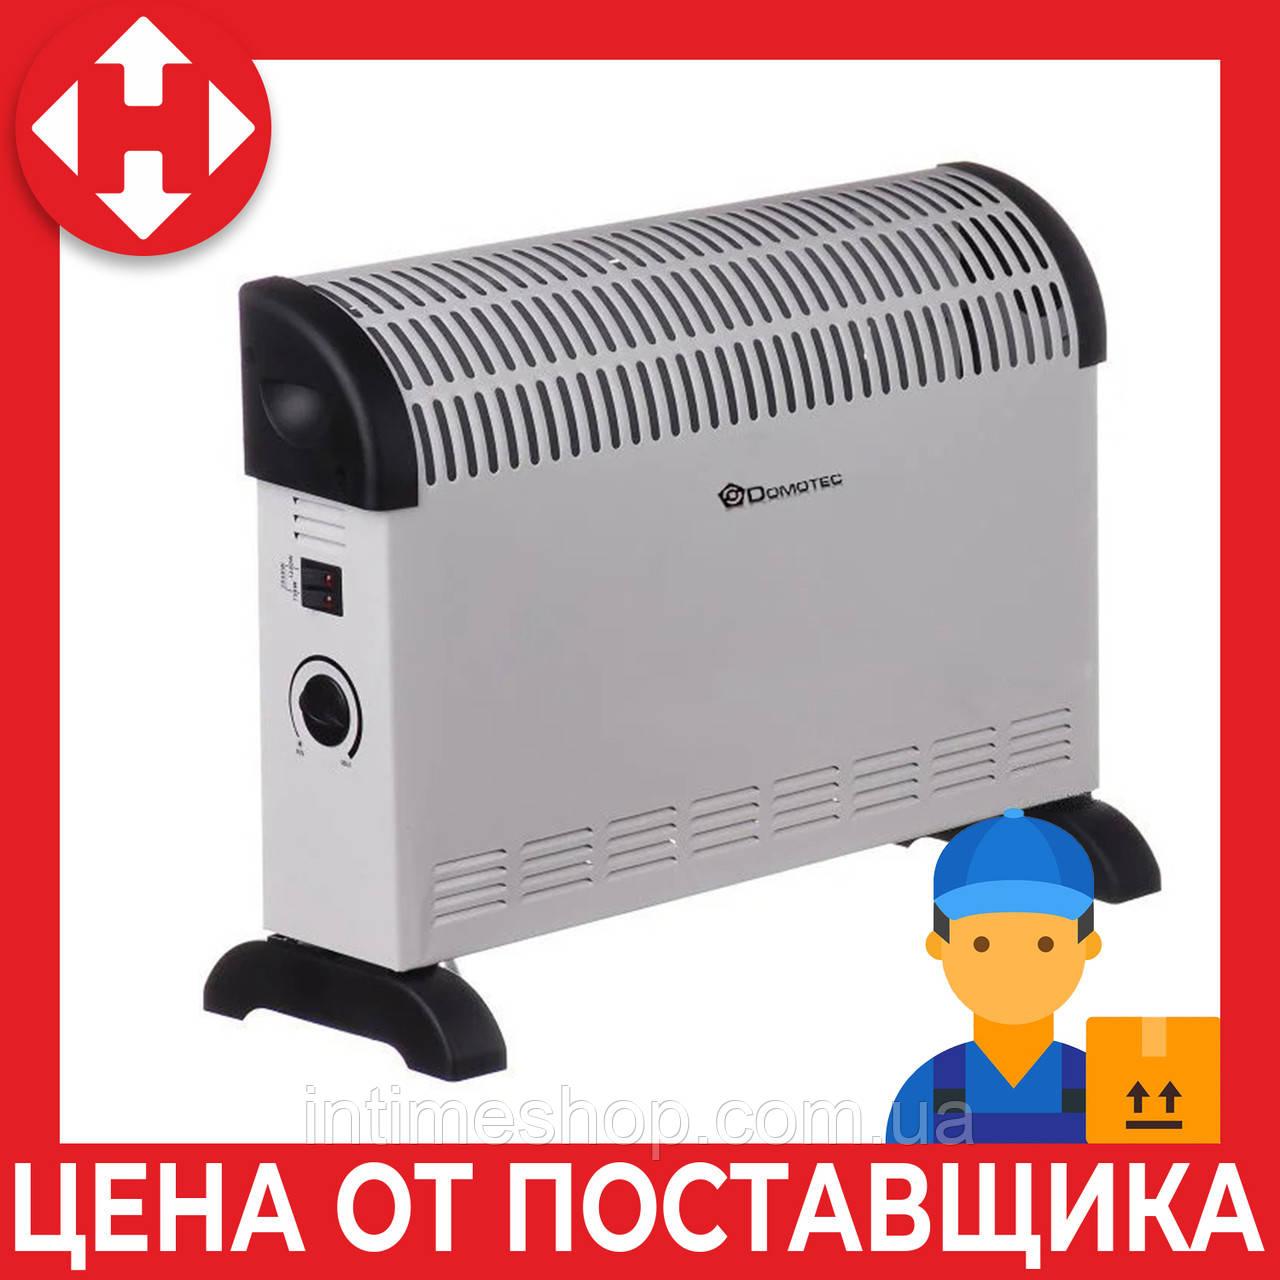 Конвектор электрический Domotec MS 5904, экономный обогреватель для дома, с доставкой